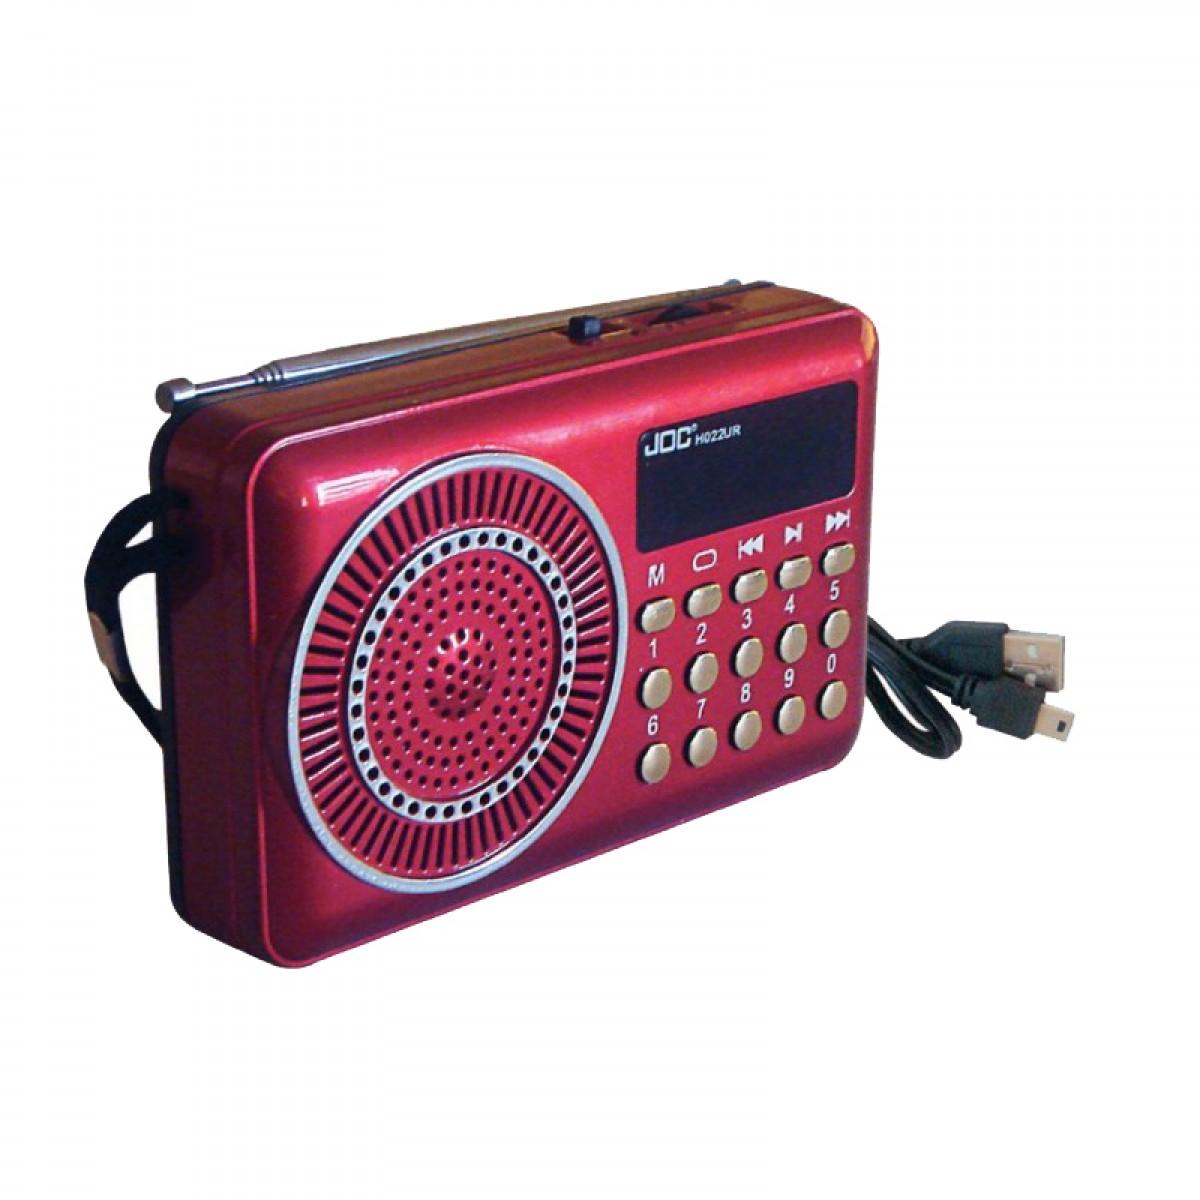 Επαναφορτιζόμενο Ψηφιακό Ραδιόφωνο-OEM